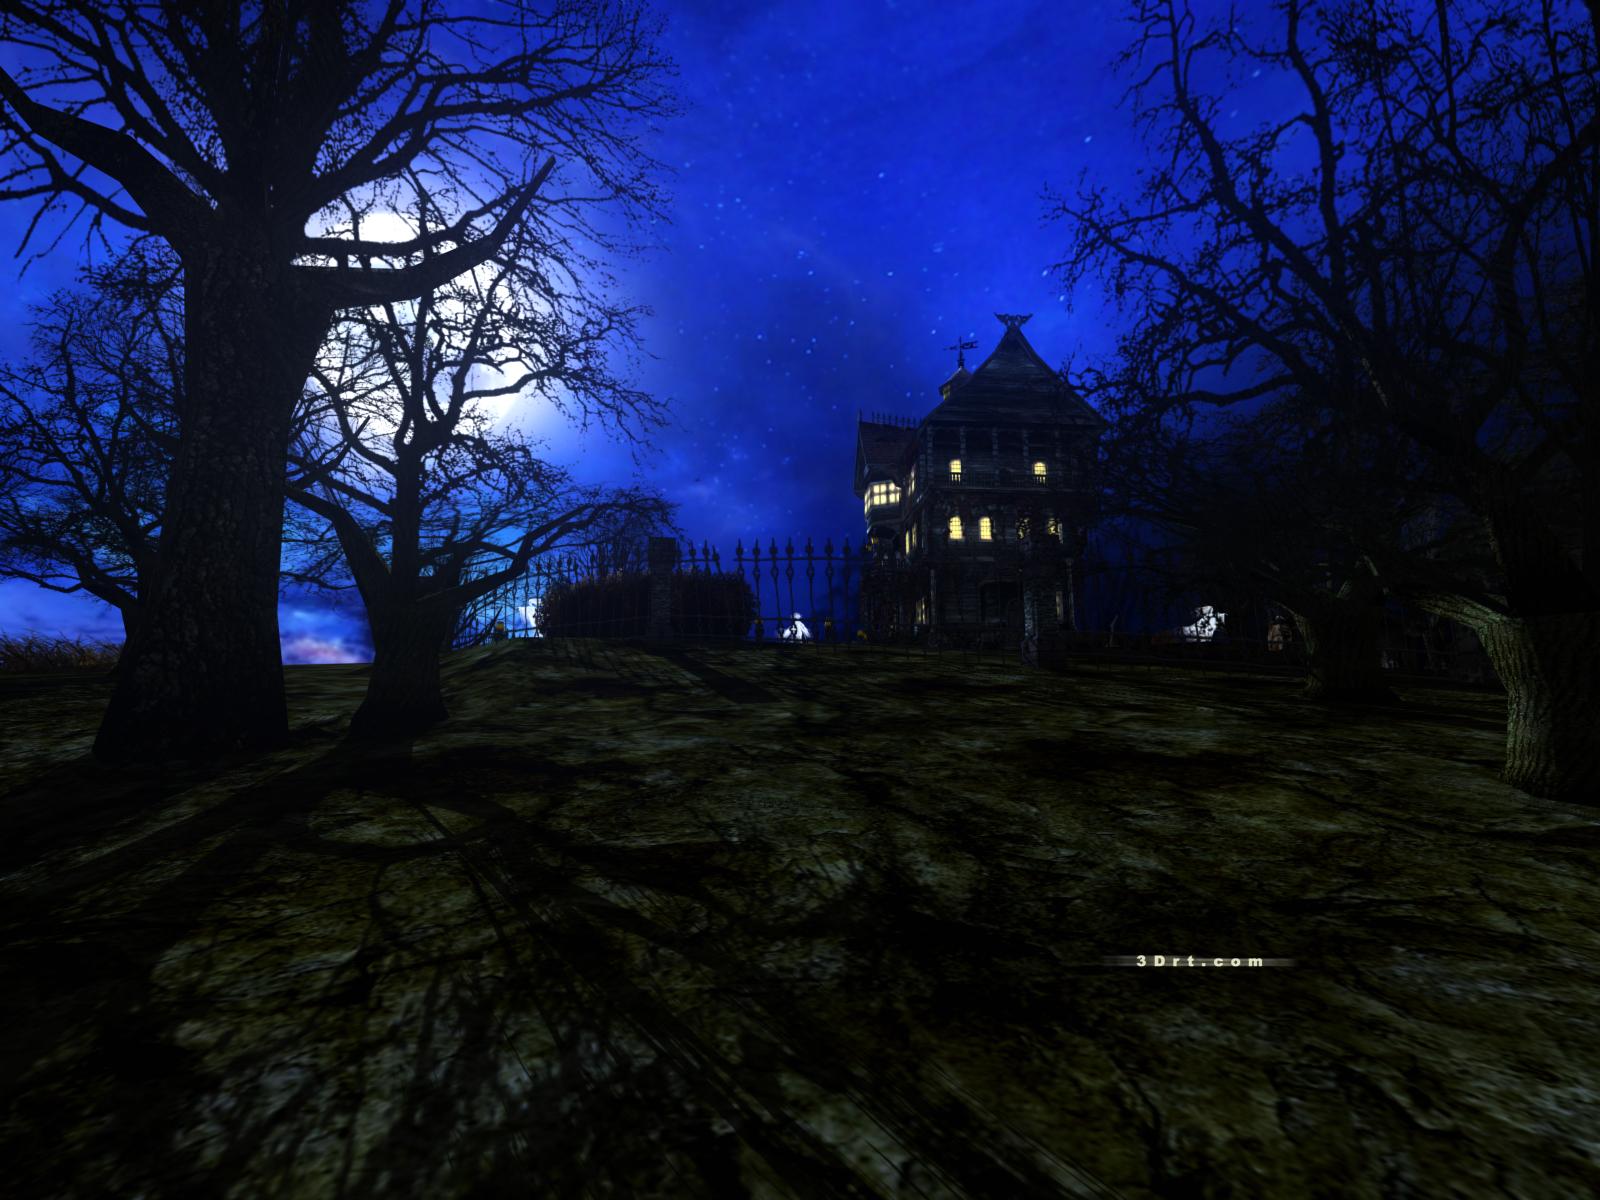 http://4.bp.blogspot.com/-LYZHVVXZ3Nc/T0fFjgXO1pI/AAAAAAAAD2A/5nQemvpOXNg/s1600/haunted-house-wallpaper-2-1600.jpg